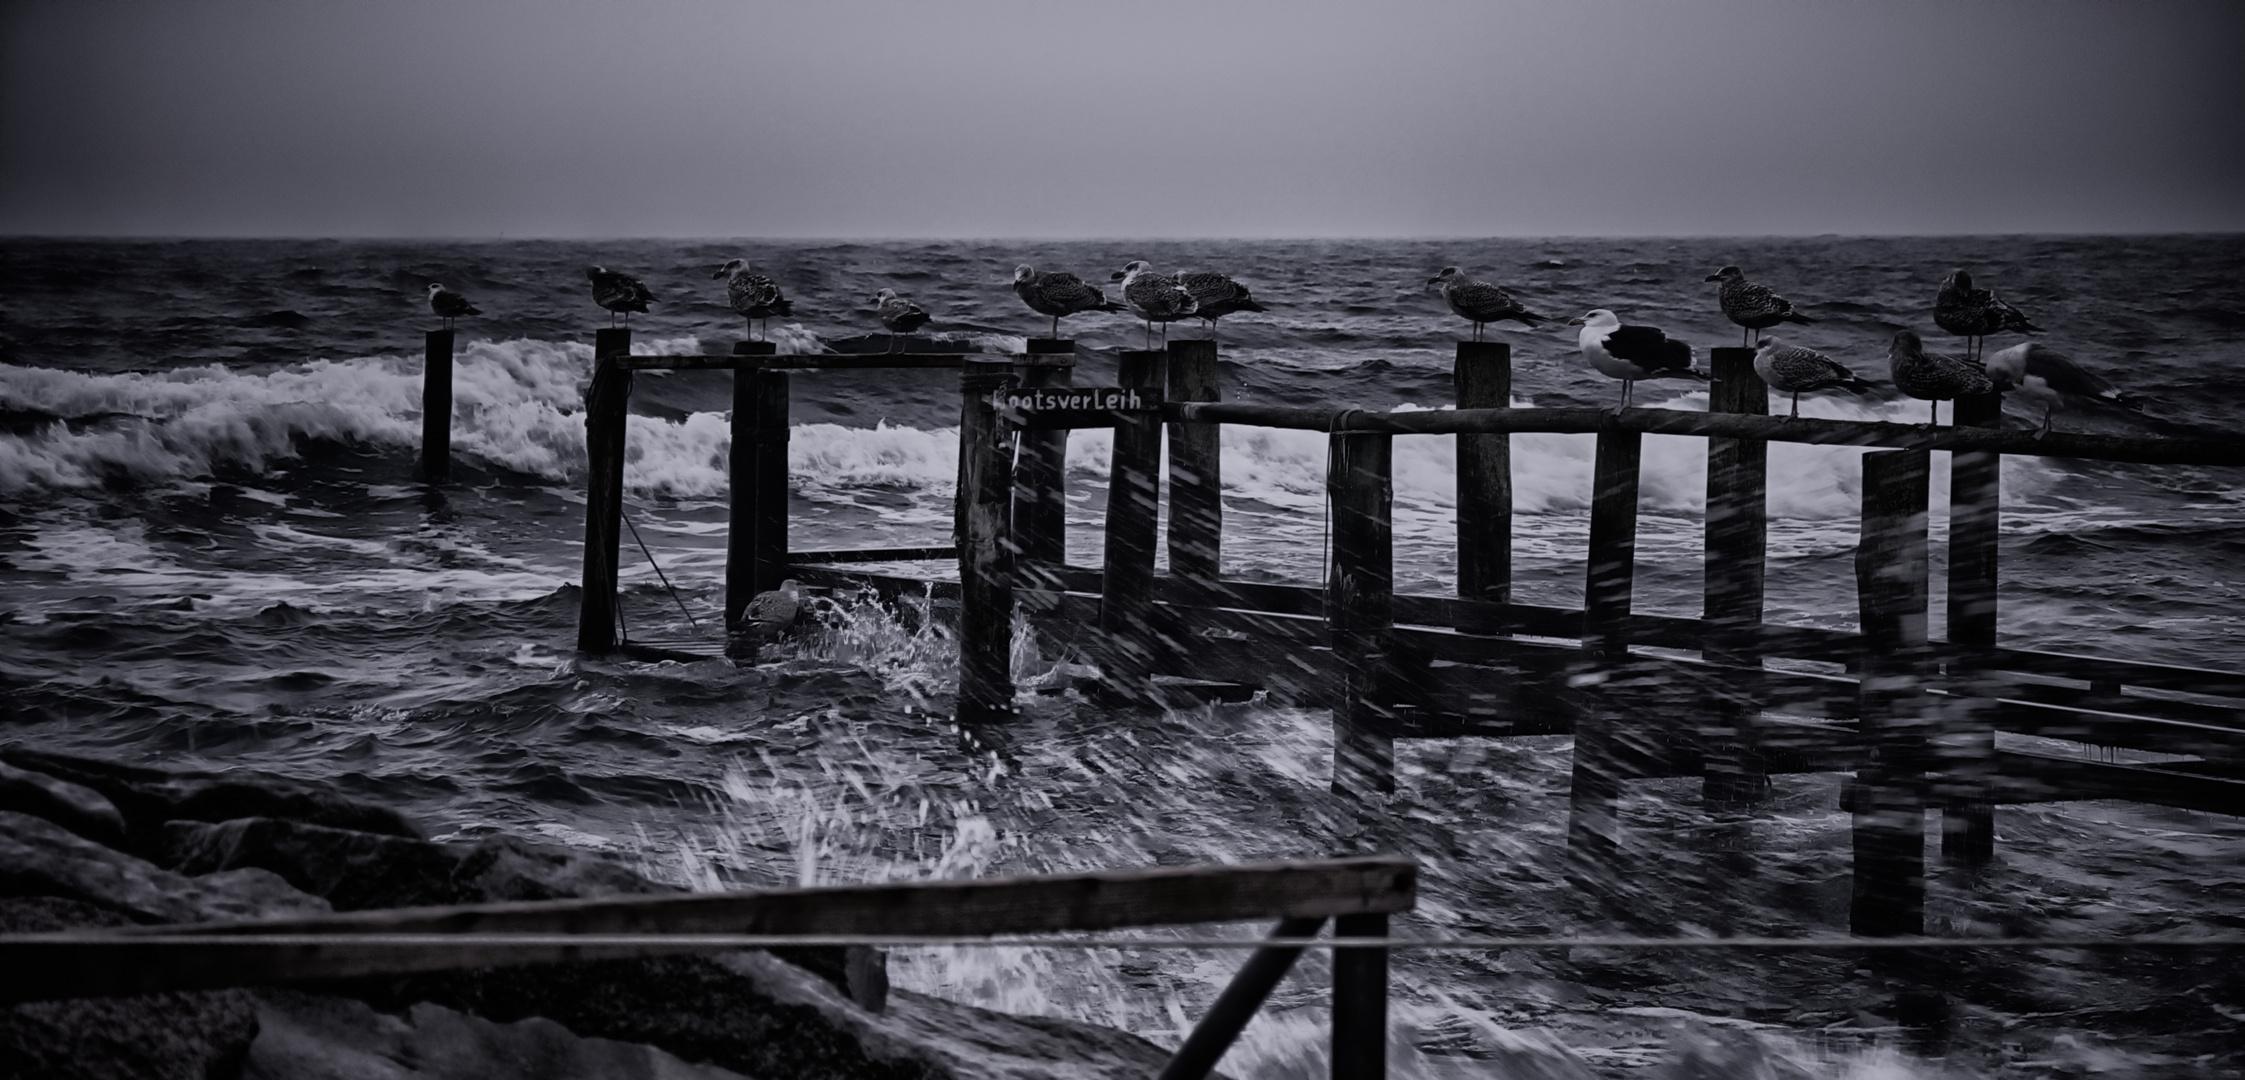 Möwen im Sturm